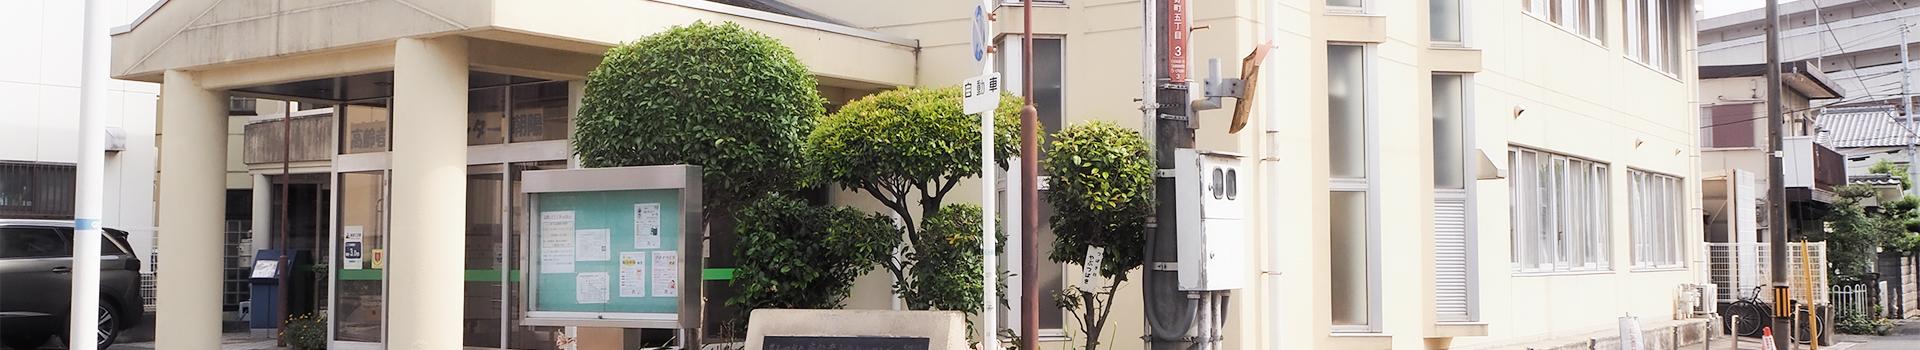 岸和田市立 高齢者ふれあいセンター朝陽 外観